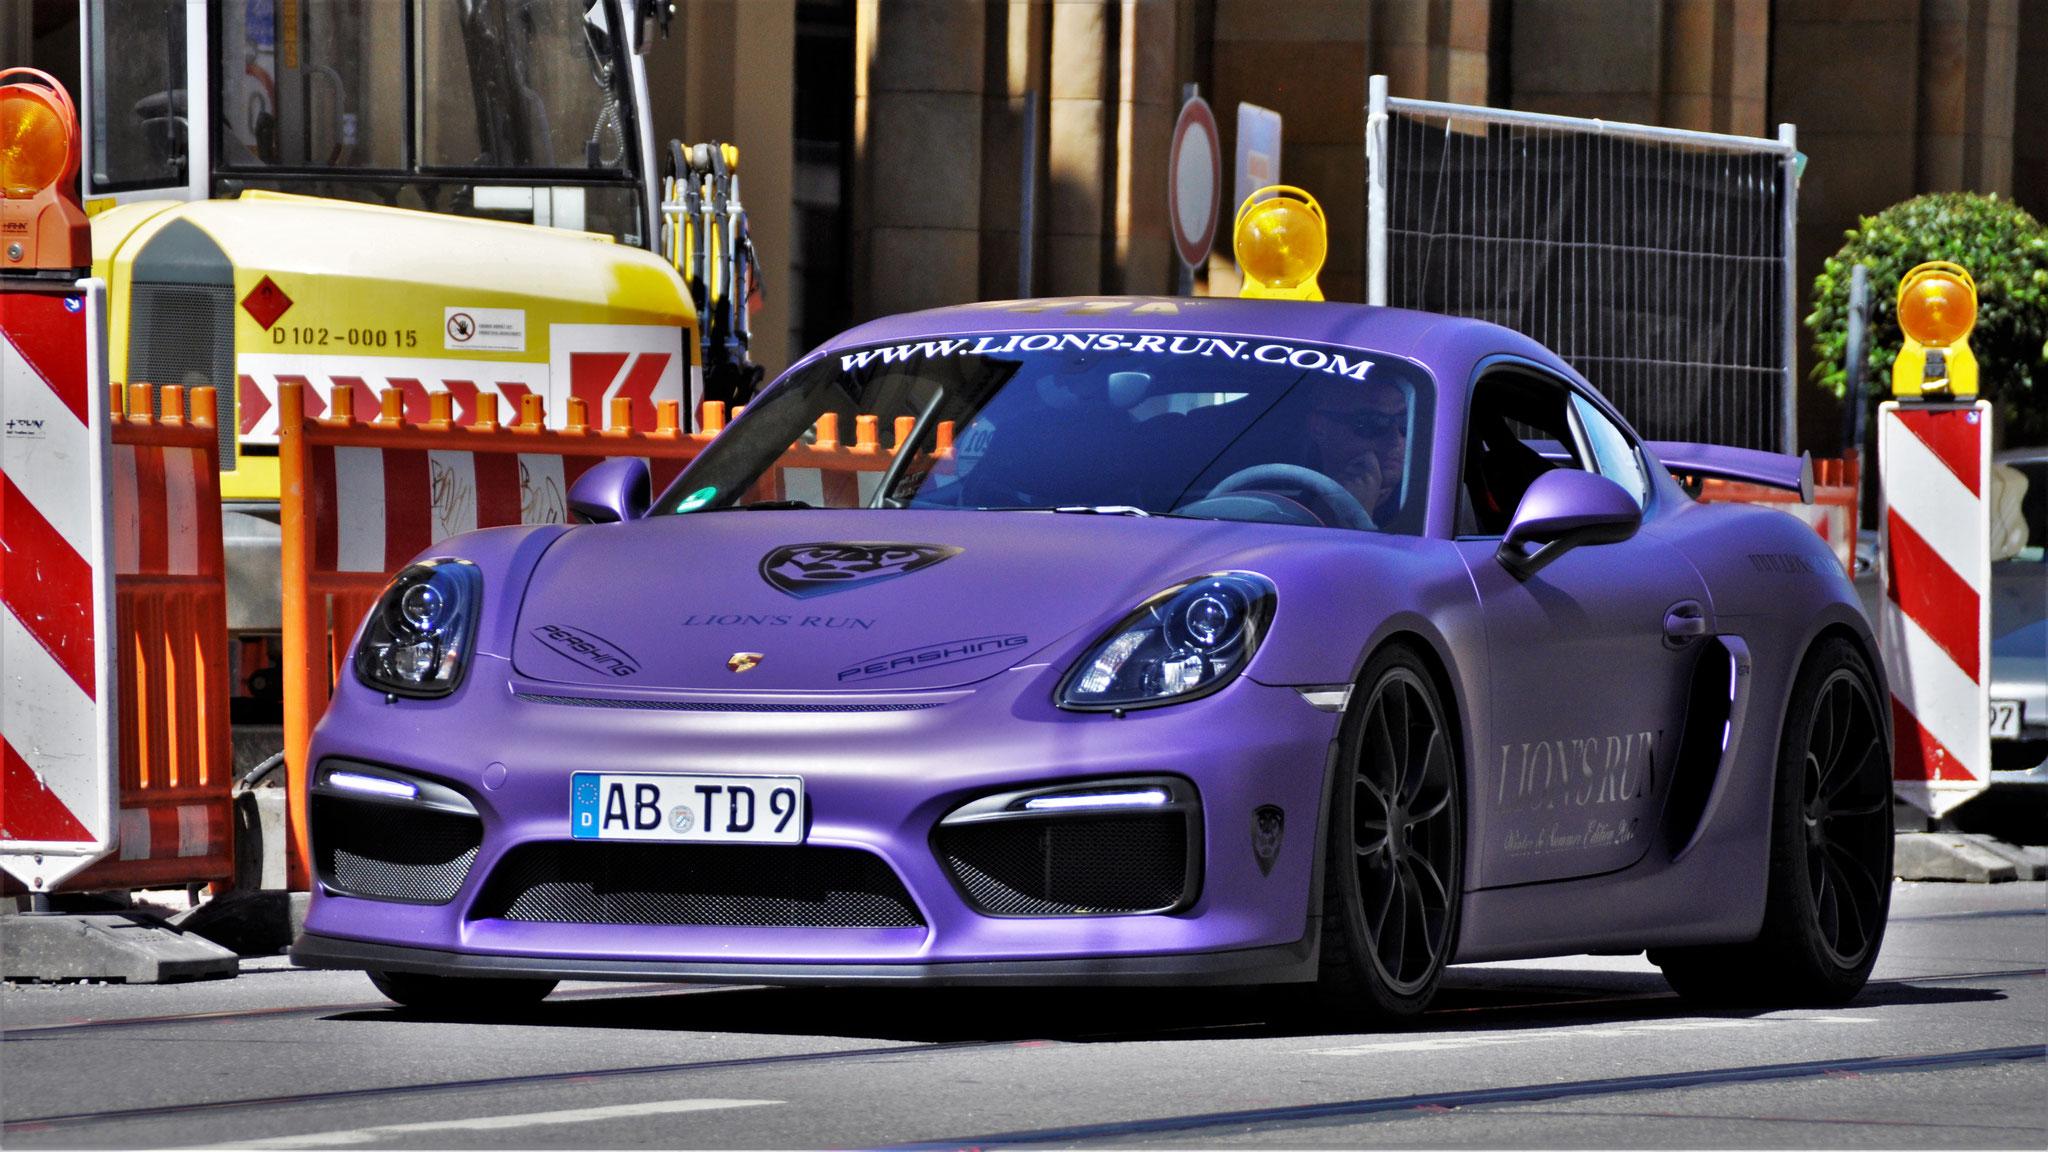 Porsche Cayman GT4 - AB-TD-9